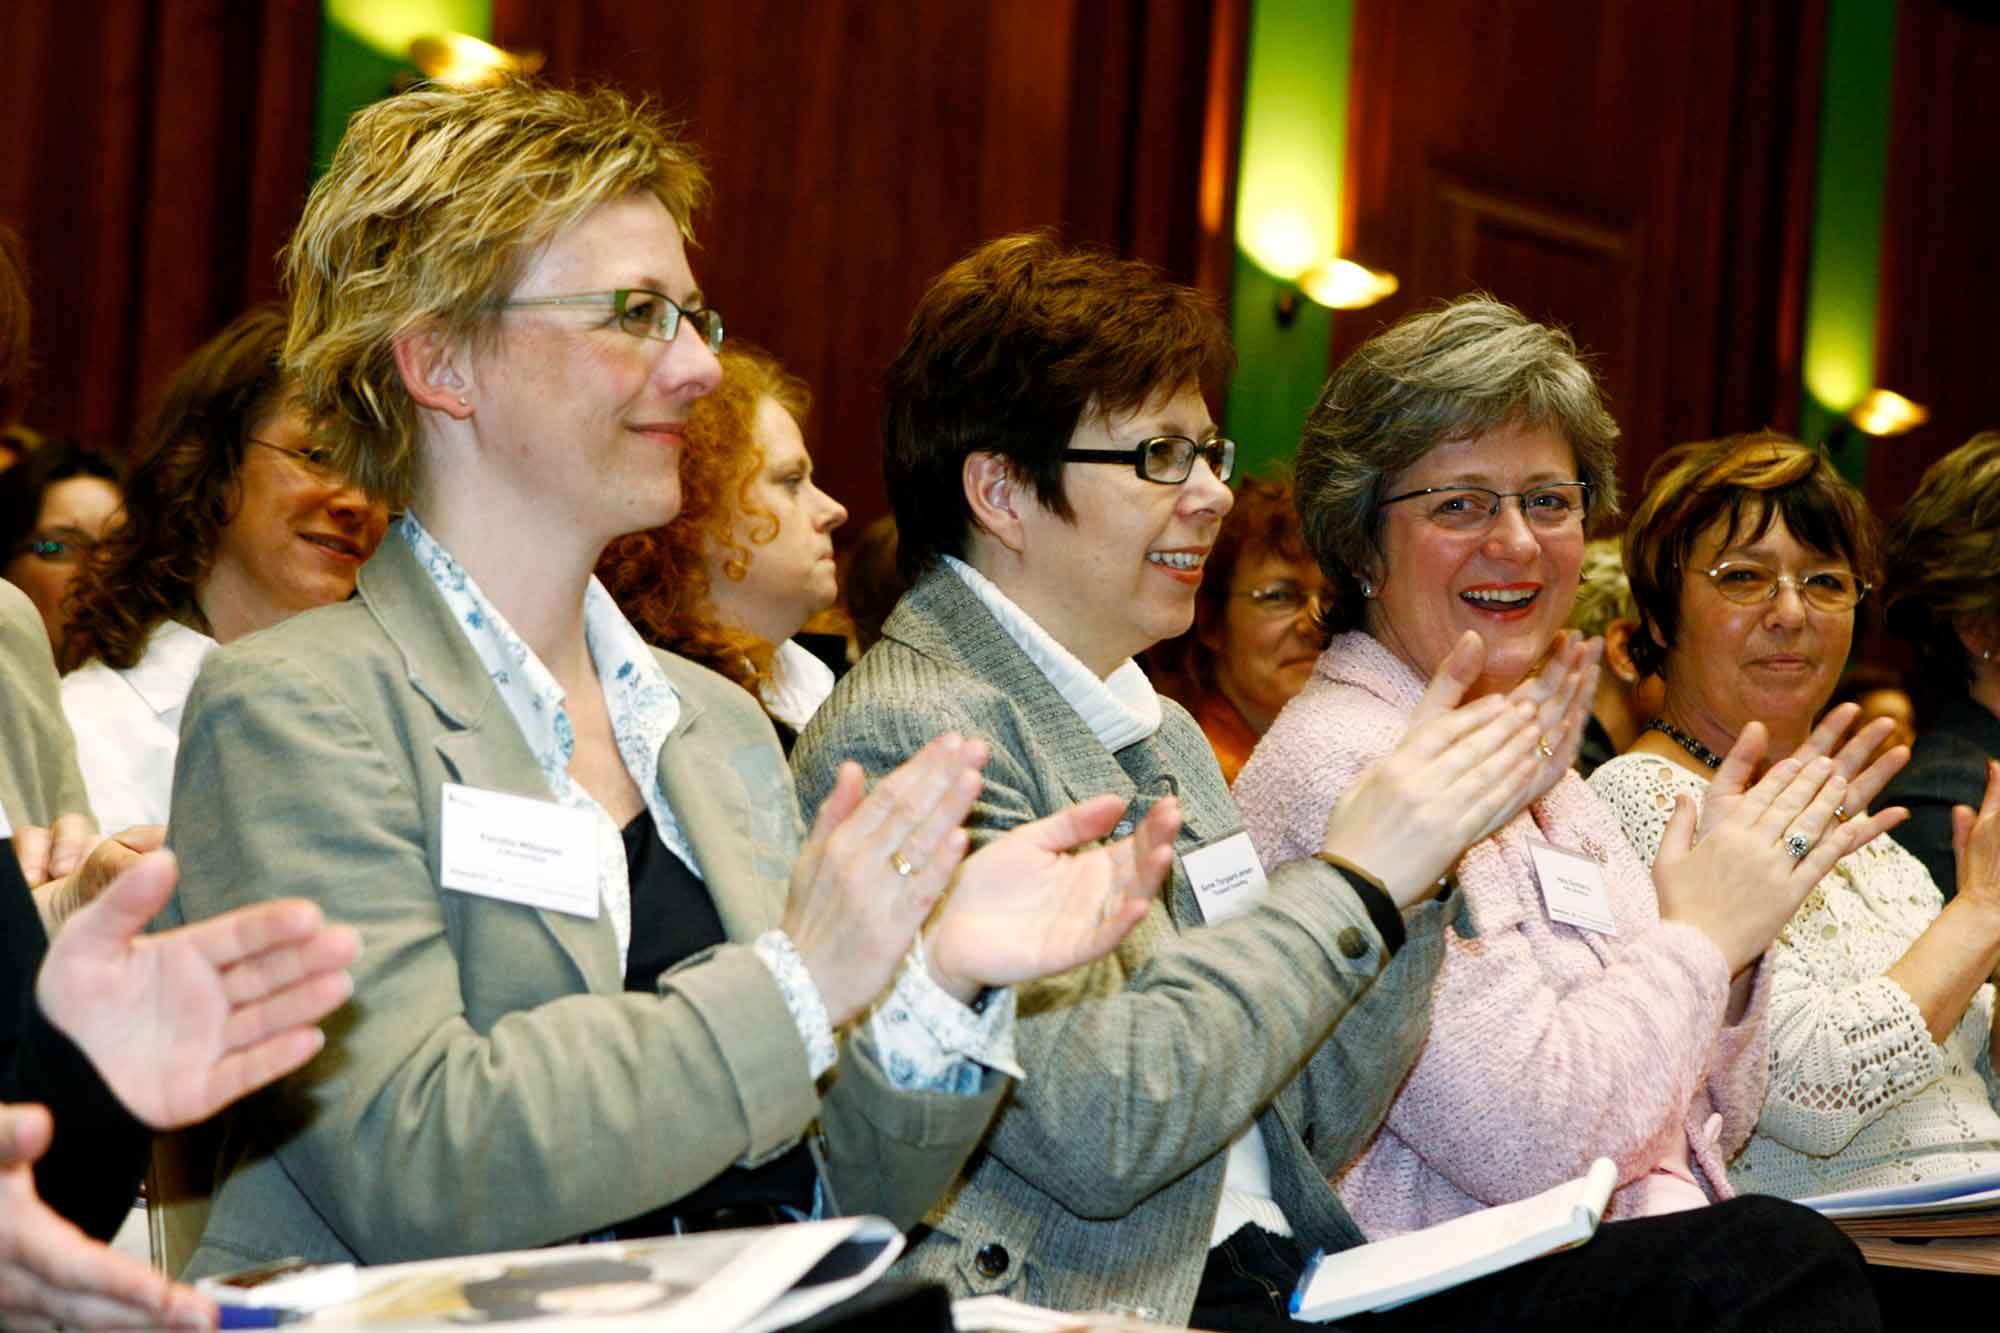 Kvindekonferencen - kvinder der rykker